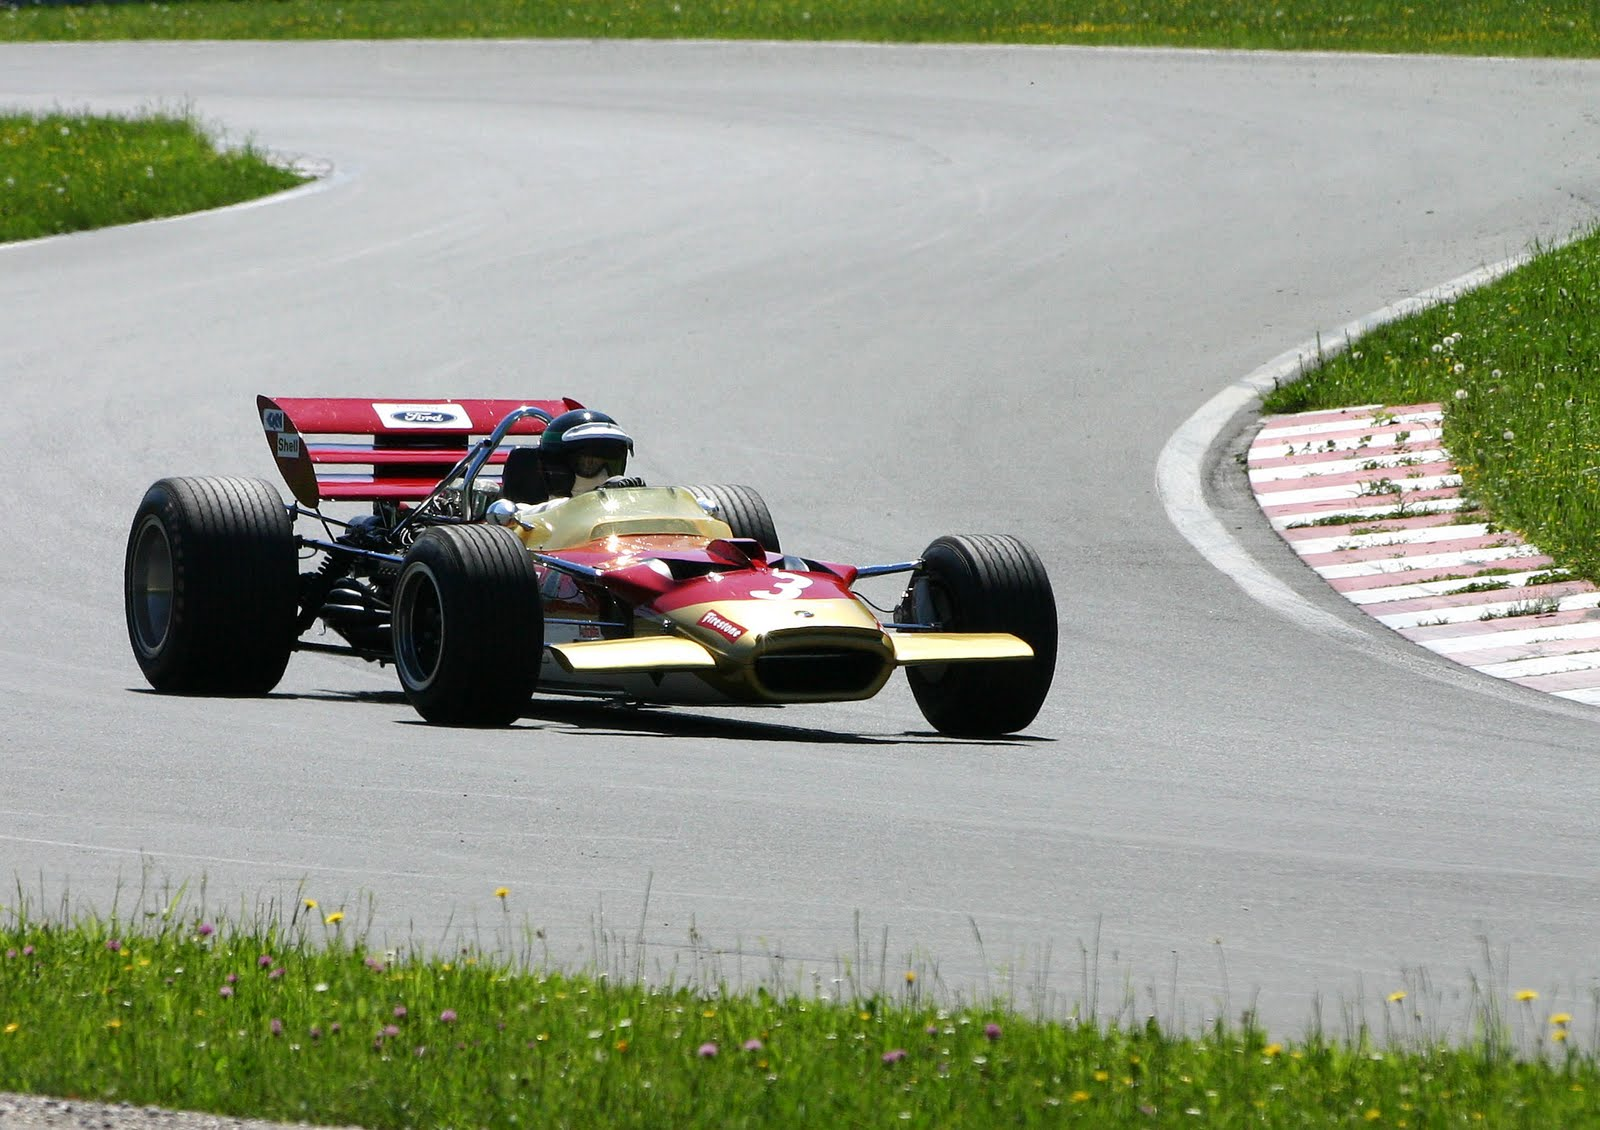 HISTORIA DE LA F1 DESDE 1950 HASTA EL 2000 *F1 By Riky * Lotus-49c-1